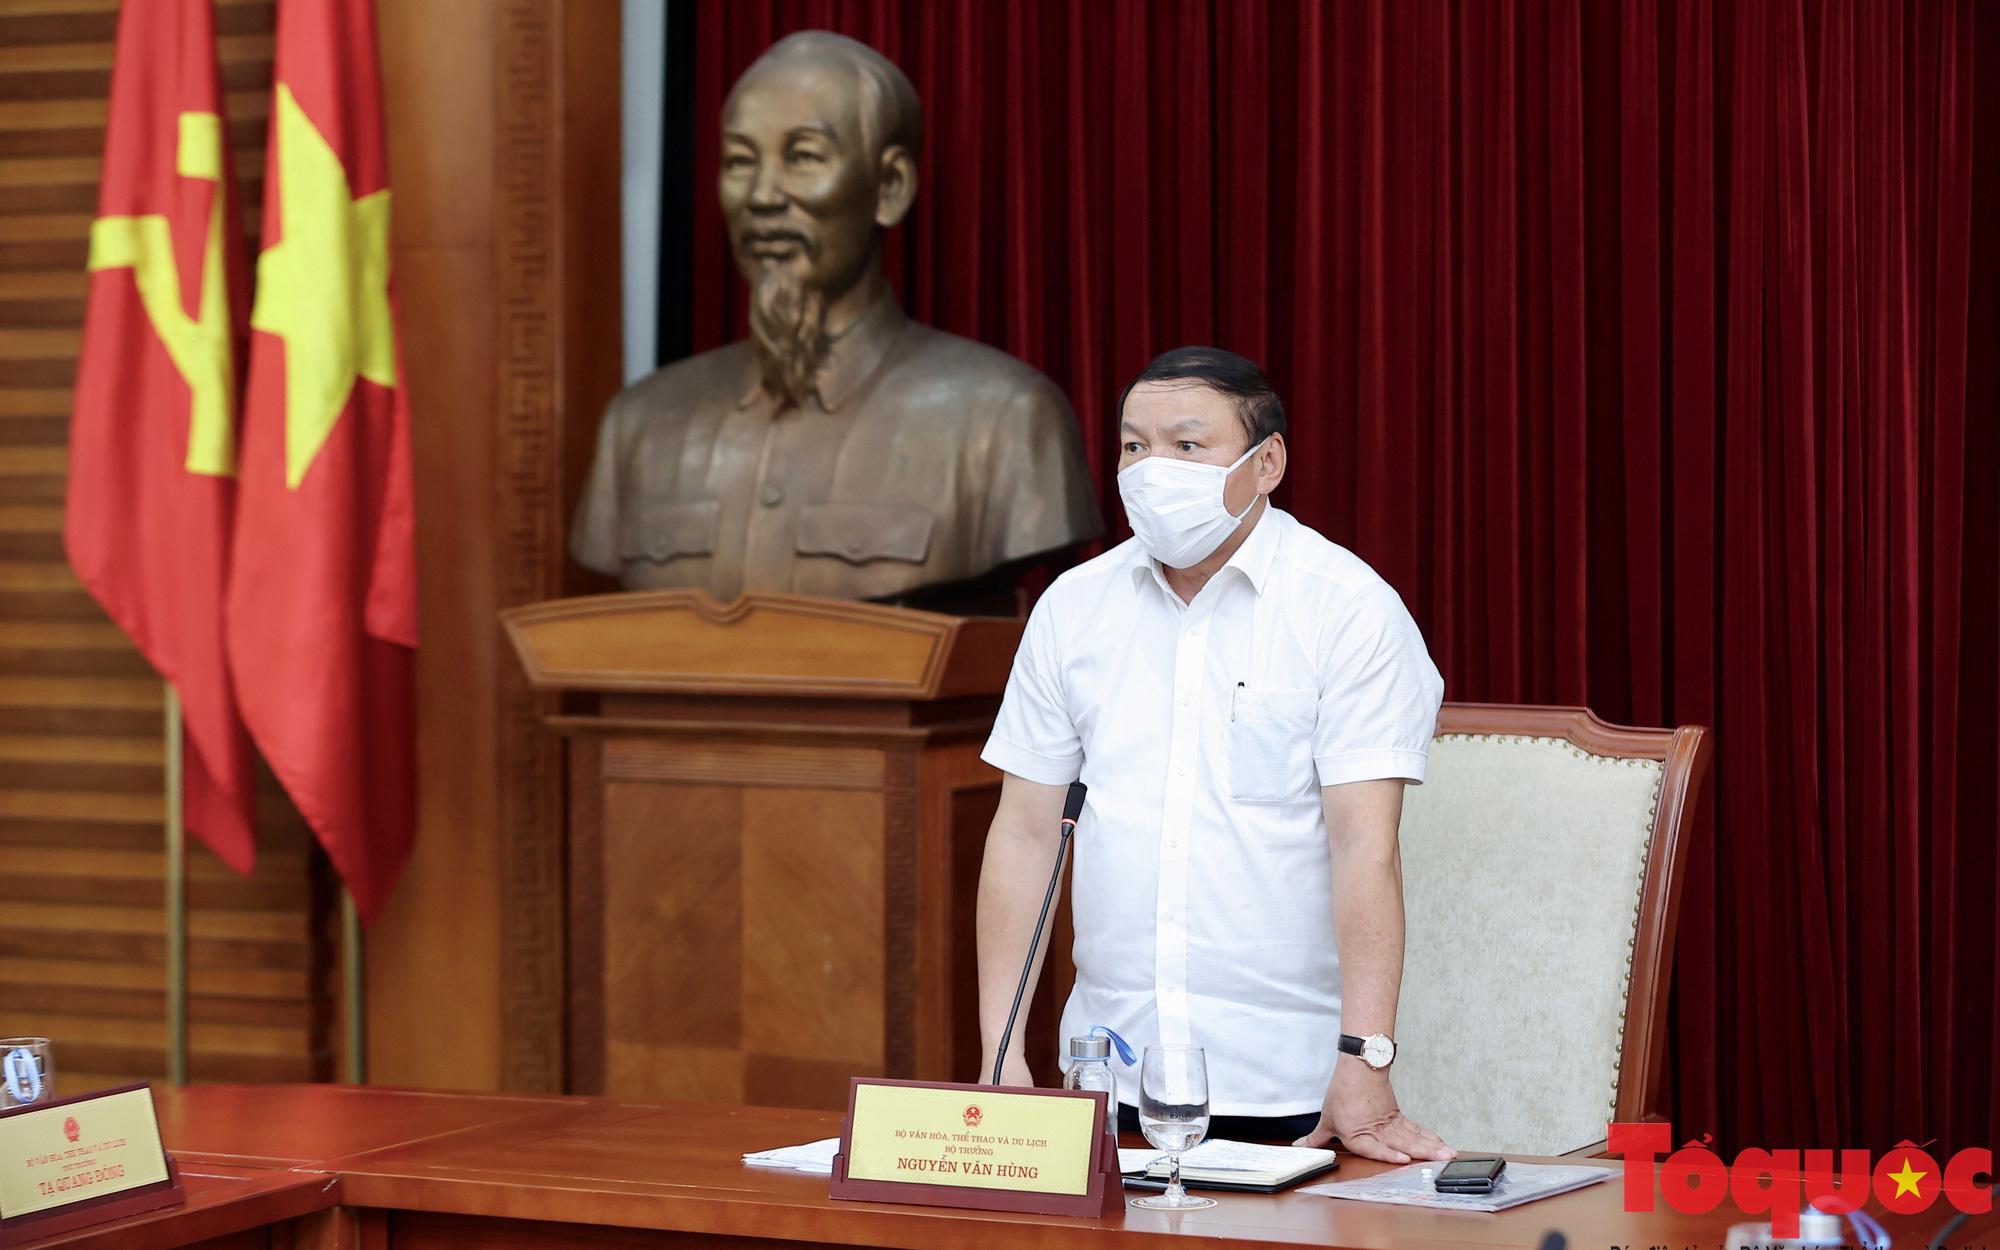 Bộ trưởng Nguyễn Văn Hùng: Xây dựng Báo Văn Hóa chuyên nghiệp, nhân văn, hiện đại